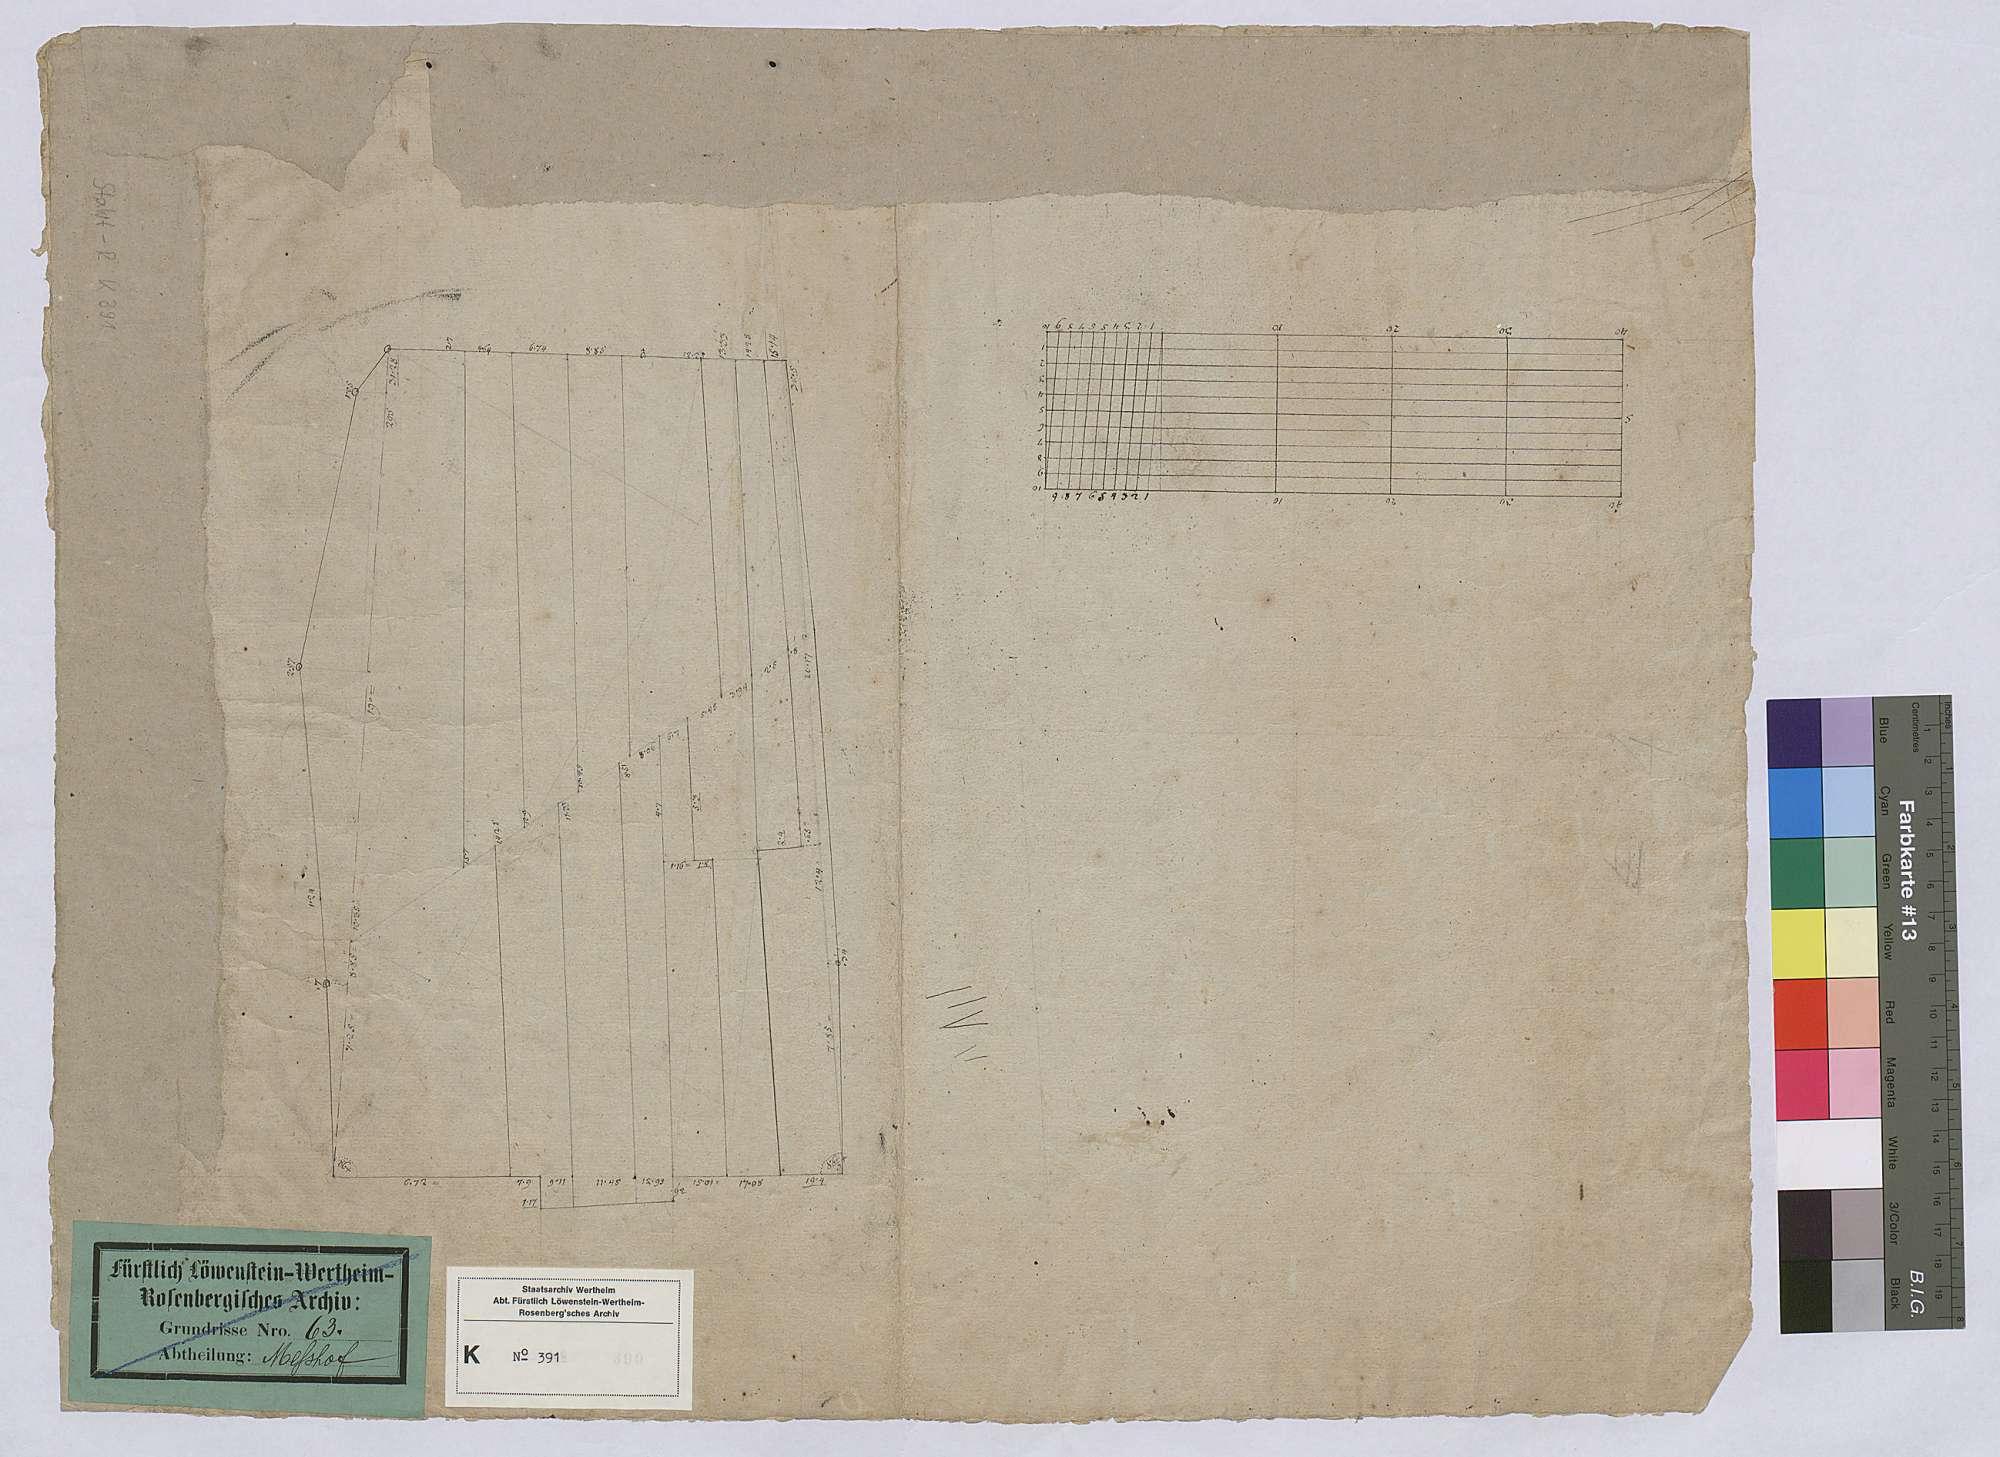 [Neuabsteinung der Gemarkung des Hinteren Meßhofs (Altmeßbach)] (Inselkarte), Rückseite